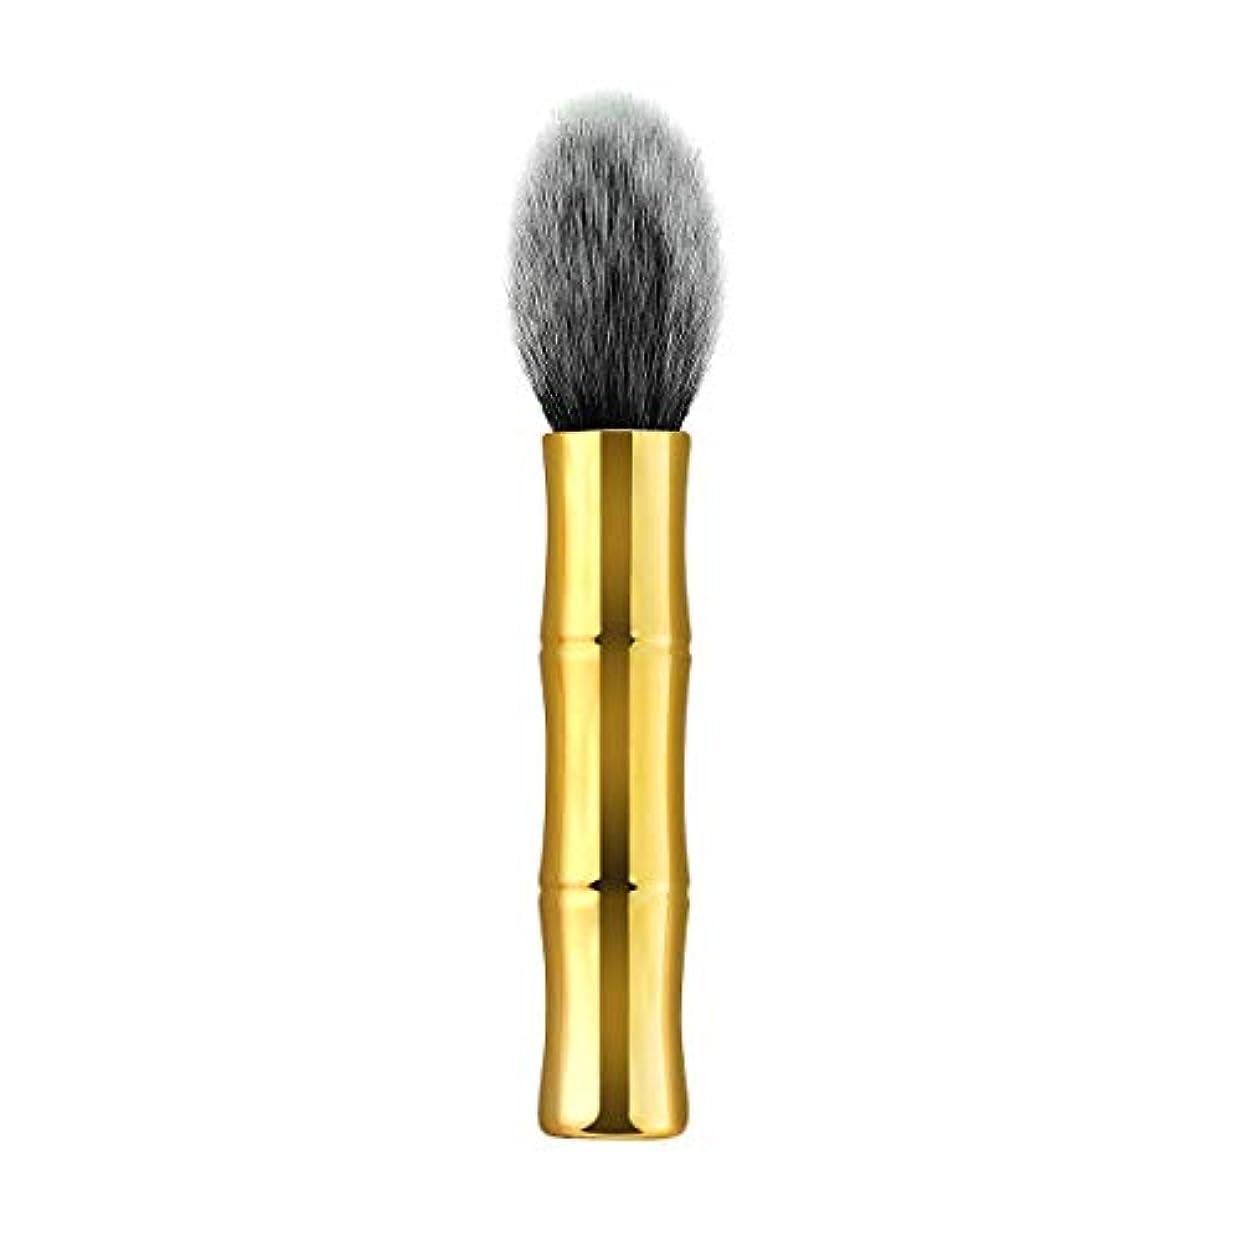 符号メタルライン酔っ払いLurrose 女性のためのソフトナイロン剛毛化粧ブラシ化粧品パウダーブラッシュブラシ(TM-104)を処理します。